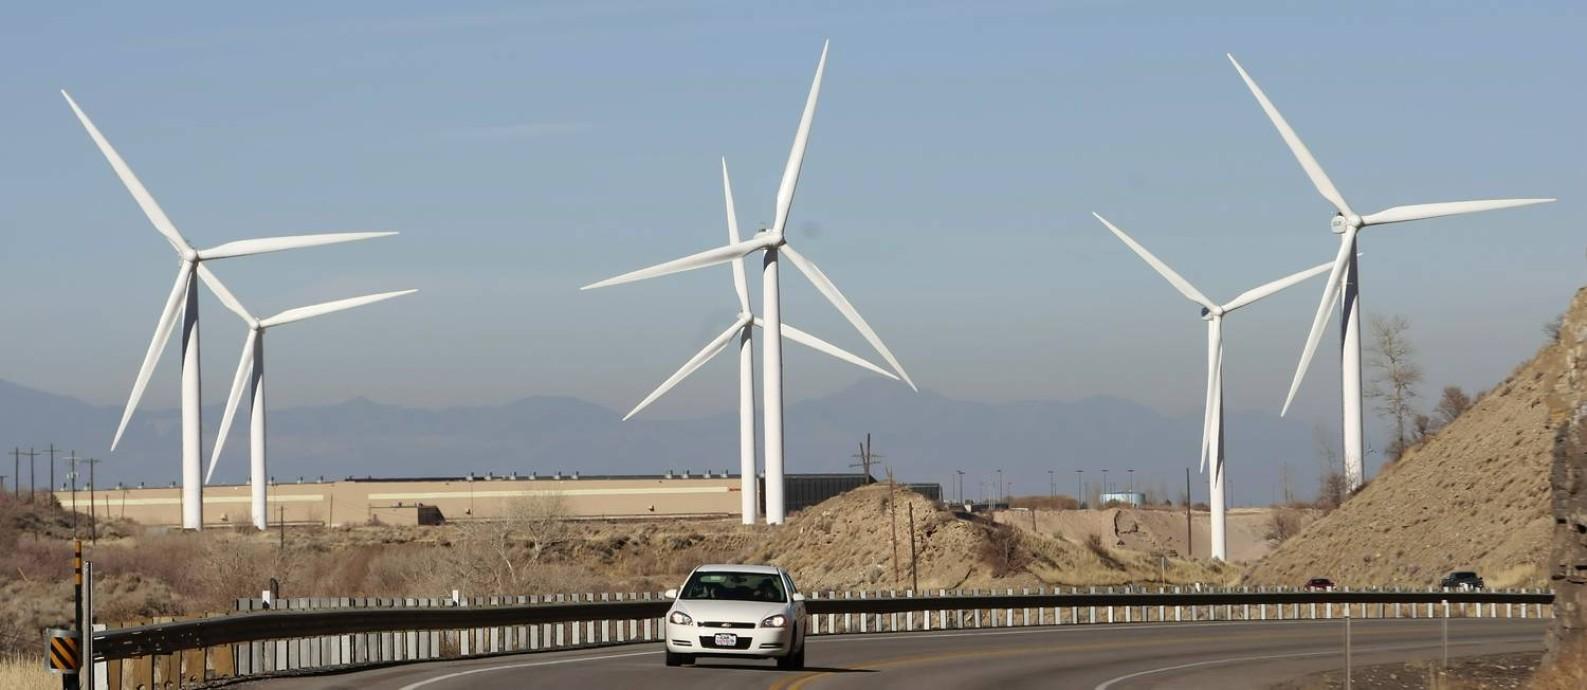 Usina eólica instalada em Spanish Fork, no estado de Utah Foto: GEORGE FREY / Getty Images/AFP